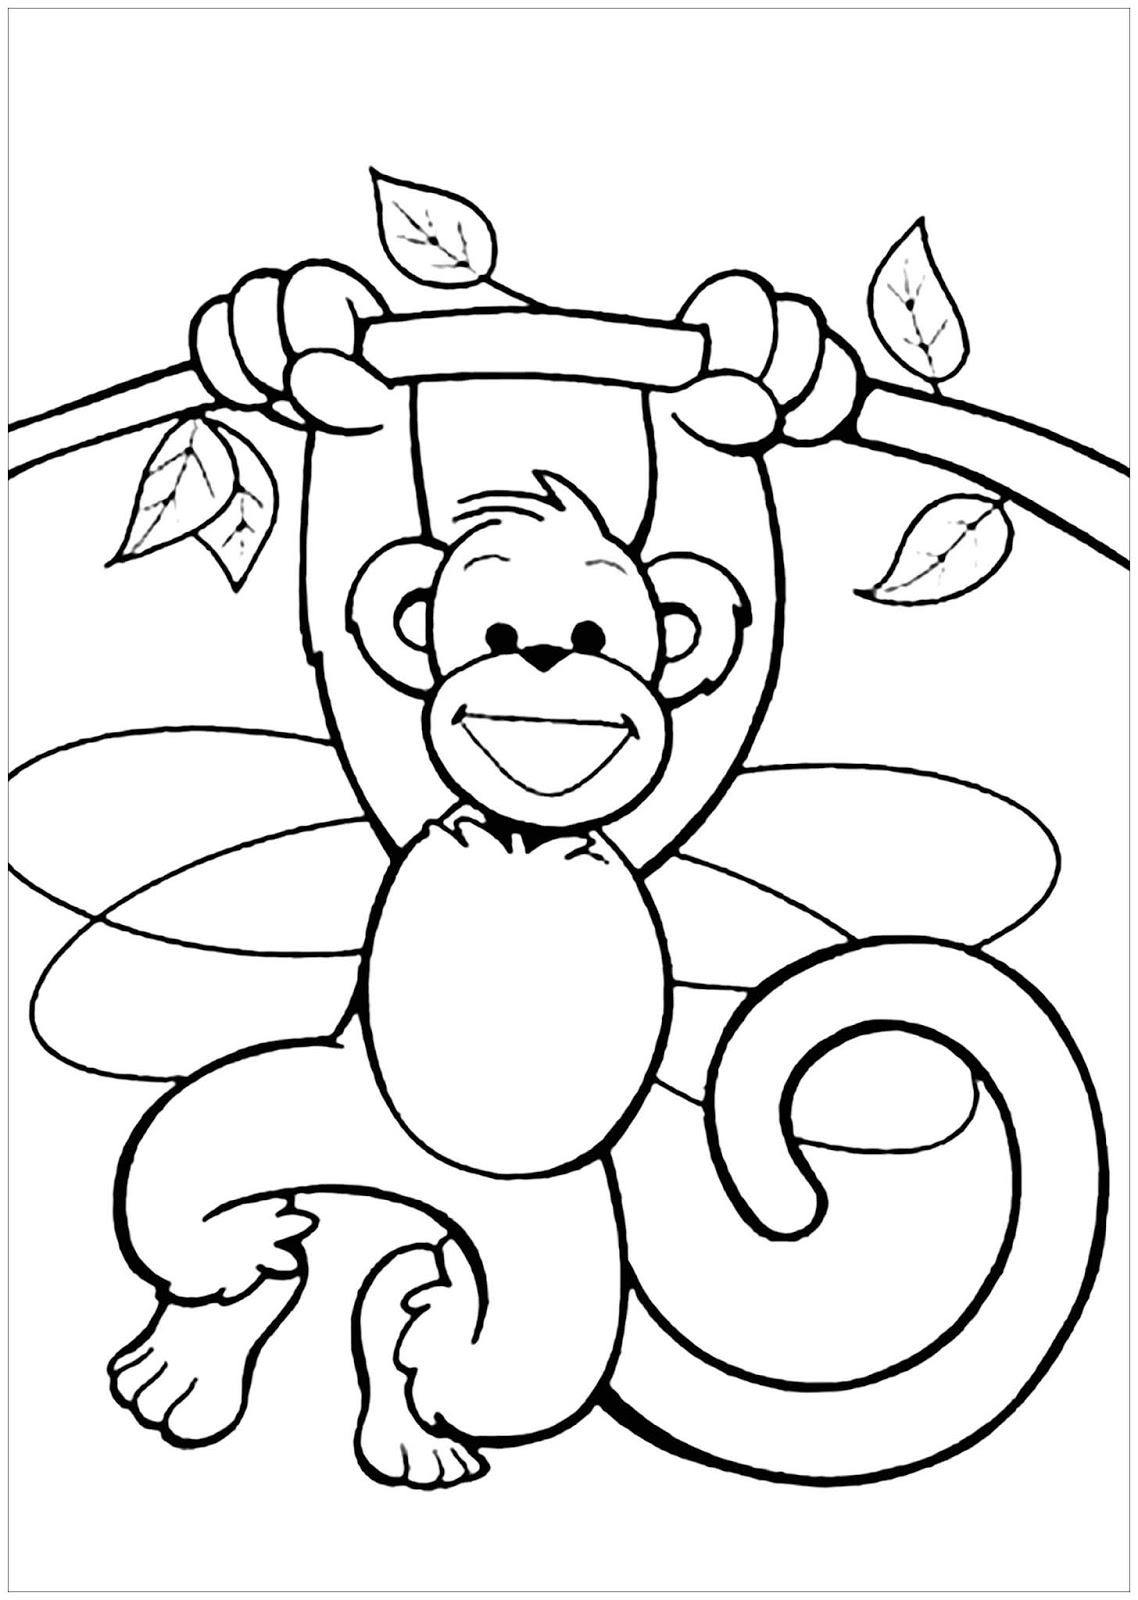 Tranh tô màu con khỉ đang đu cây